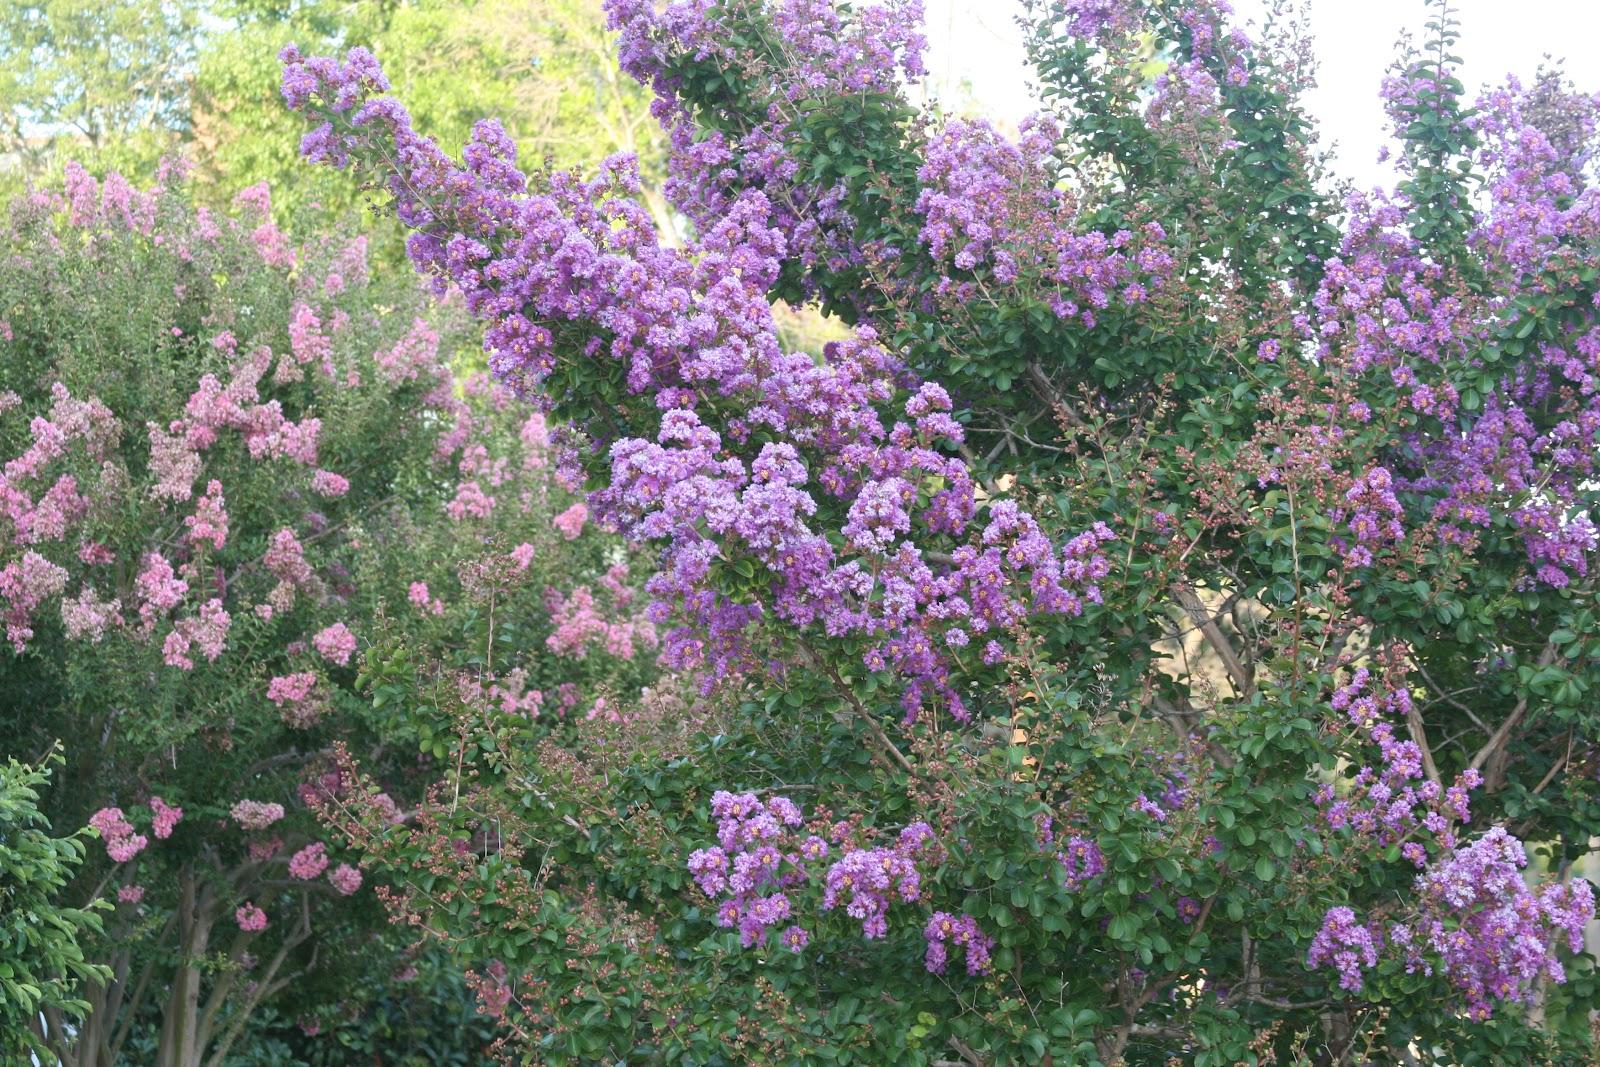 flowering shrub or small tree